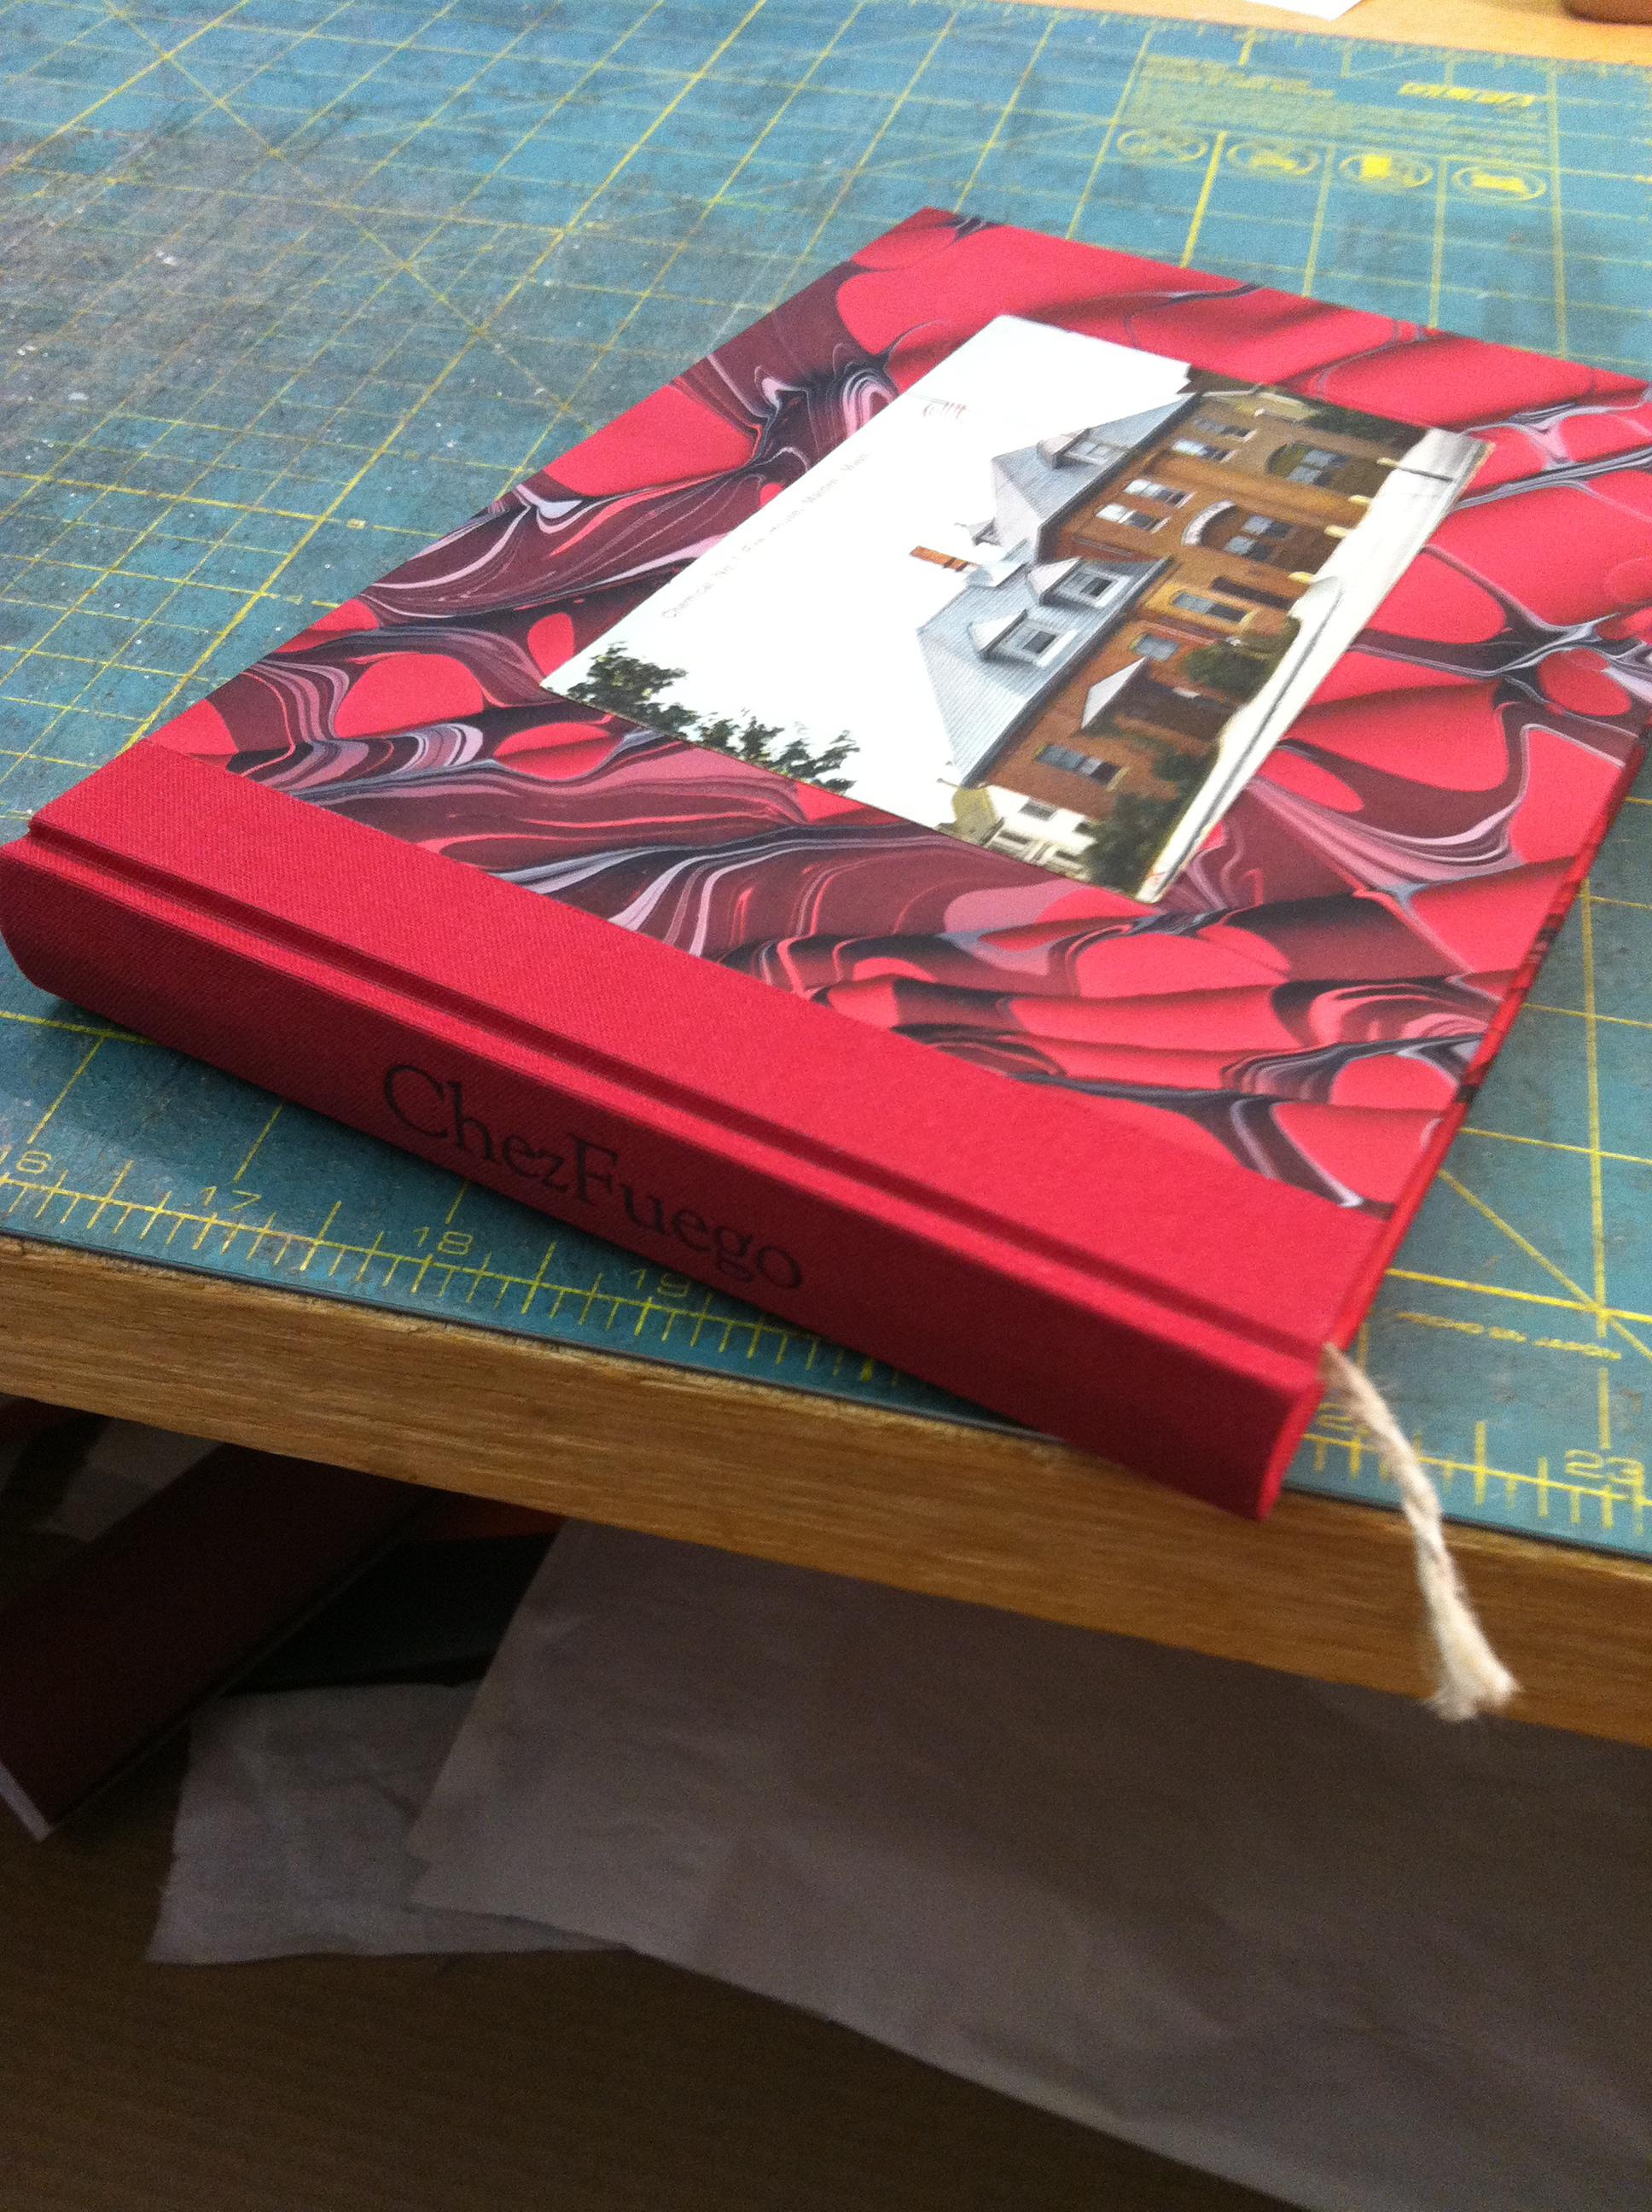 dski-guestbook-bekemeierbook-2